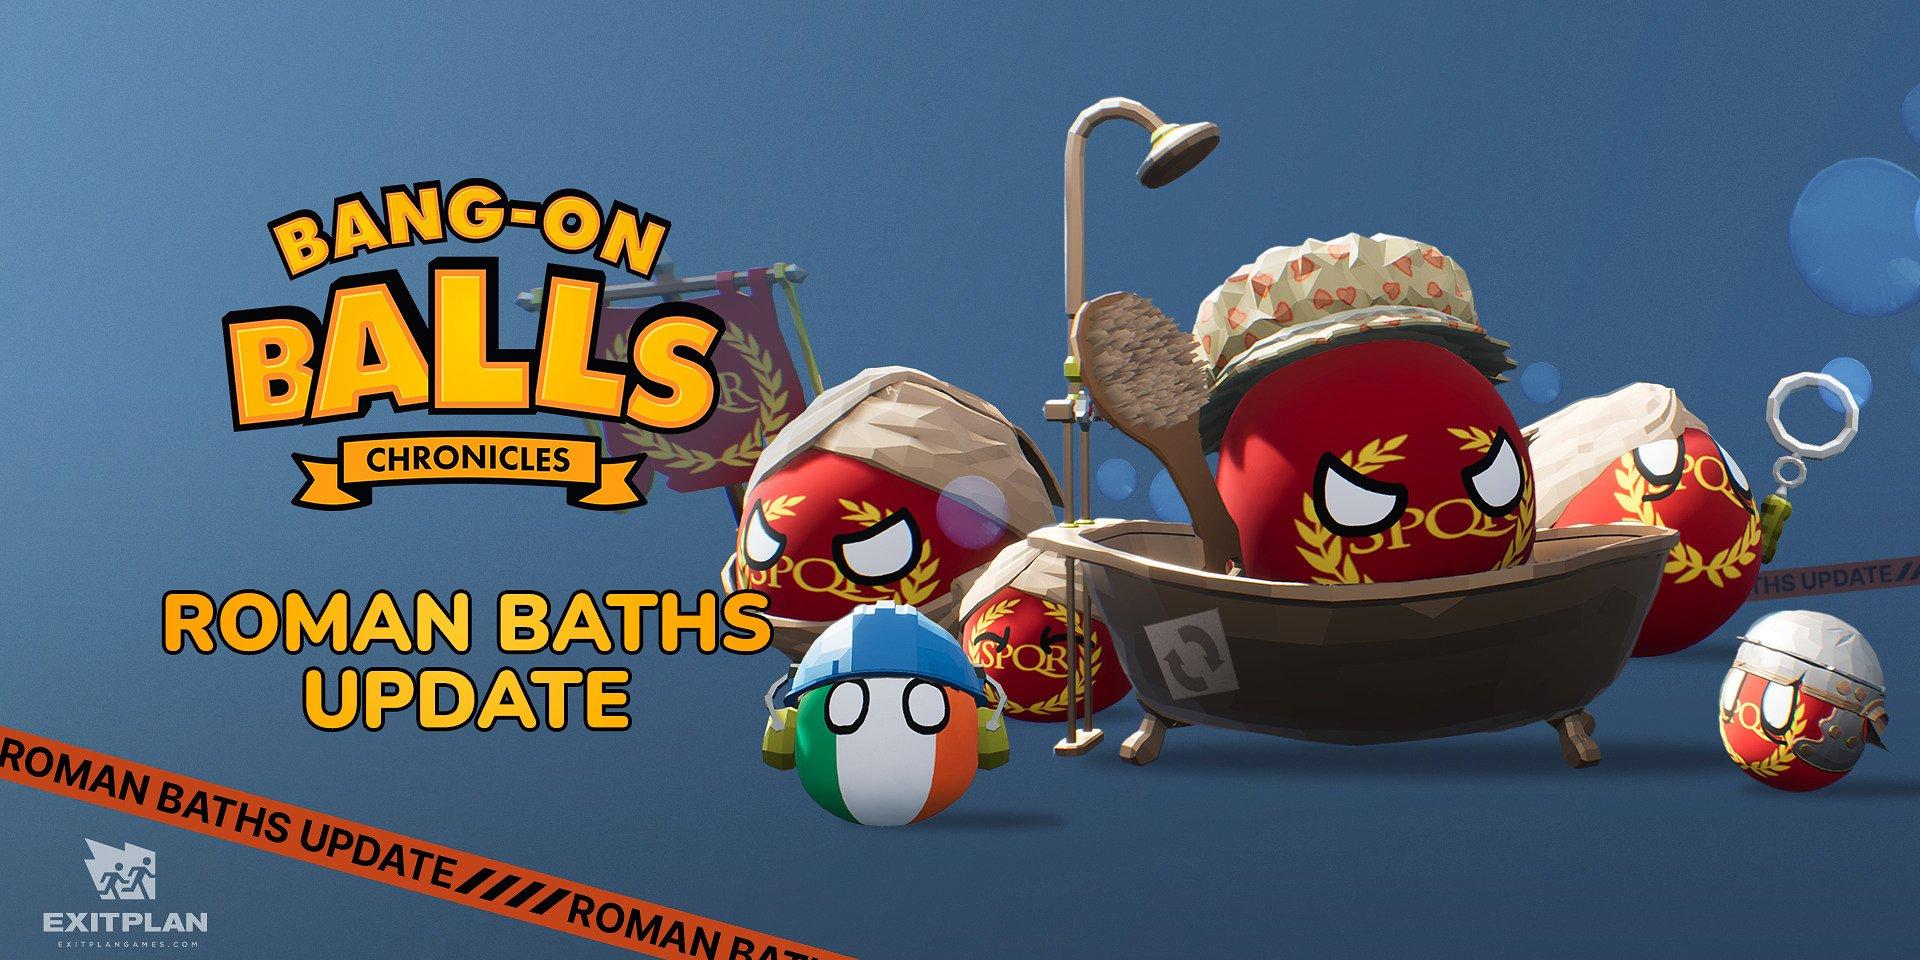 Soyez dans le bain avec la mise à jour de Bains Romains, déjà disponible dans Bang-on Balls : Chronicles !